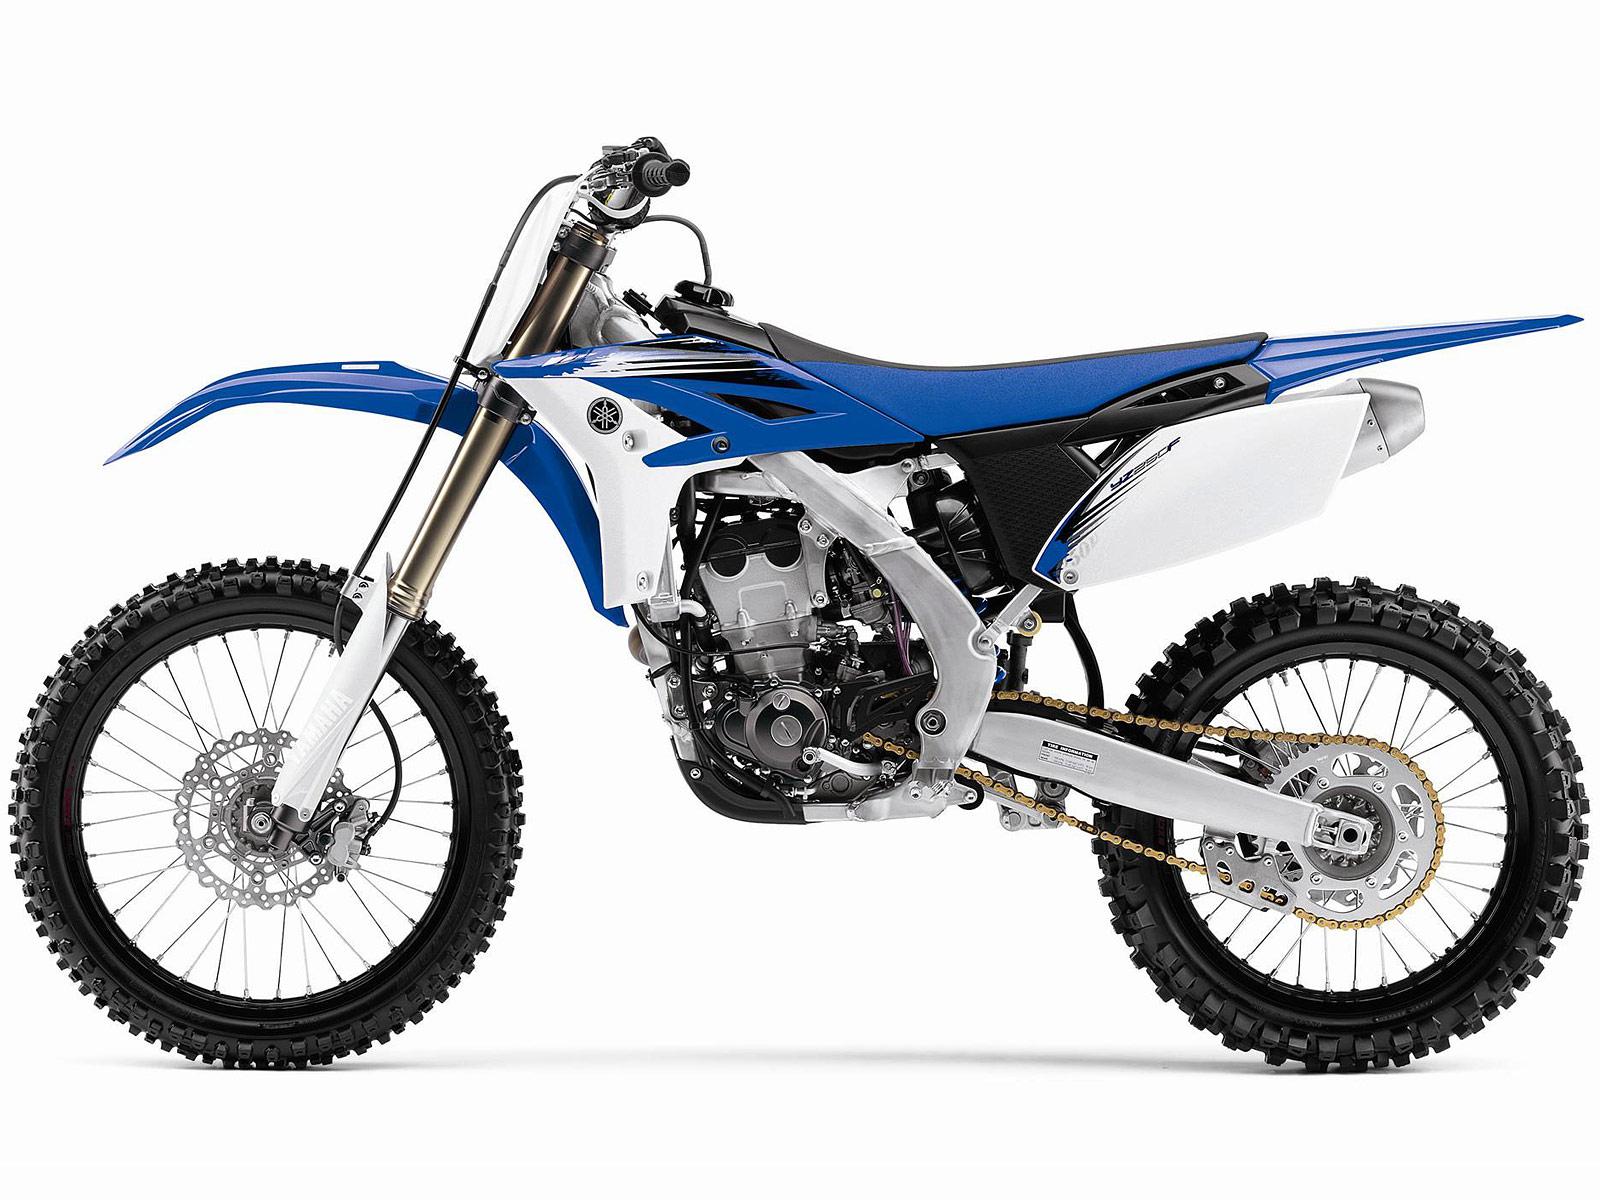 Gambar motor yamaha 2012 yamaha yz250f for Motor sport yamaha